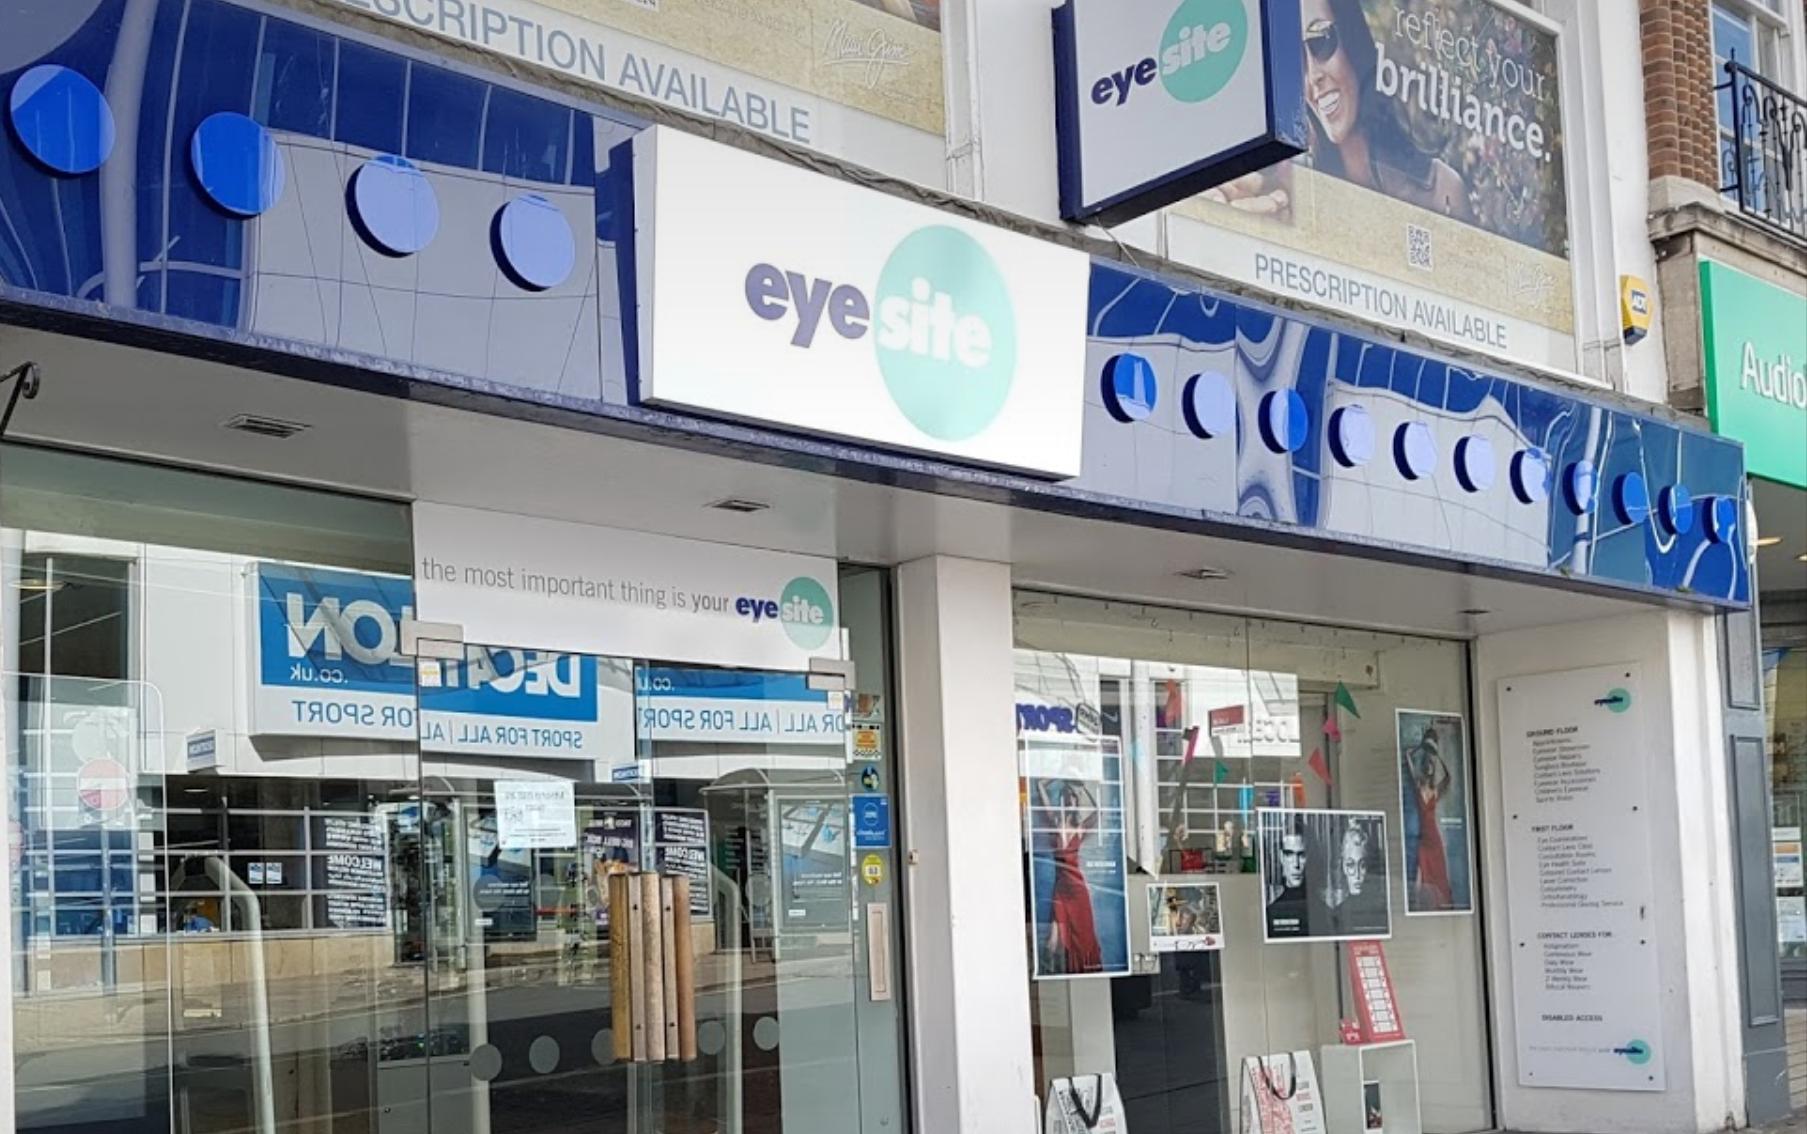 Eyesite Brighton